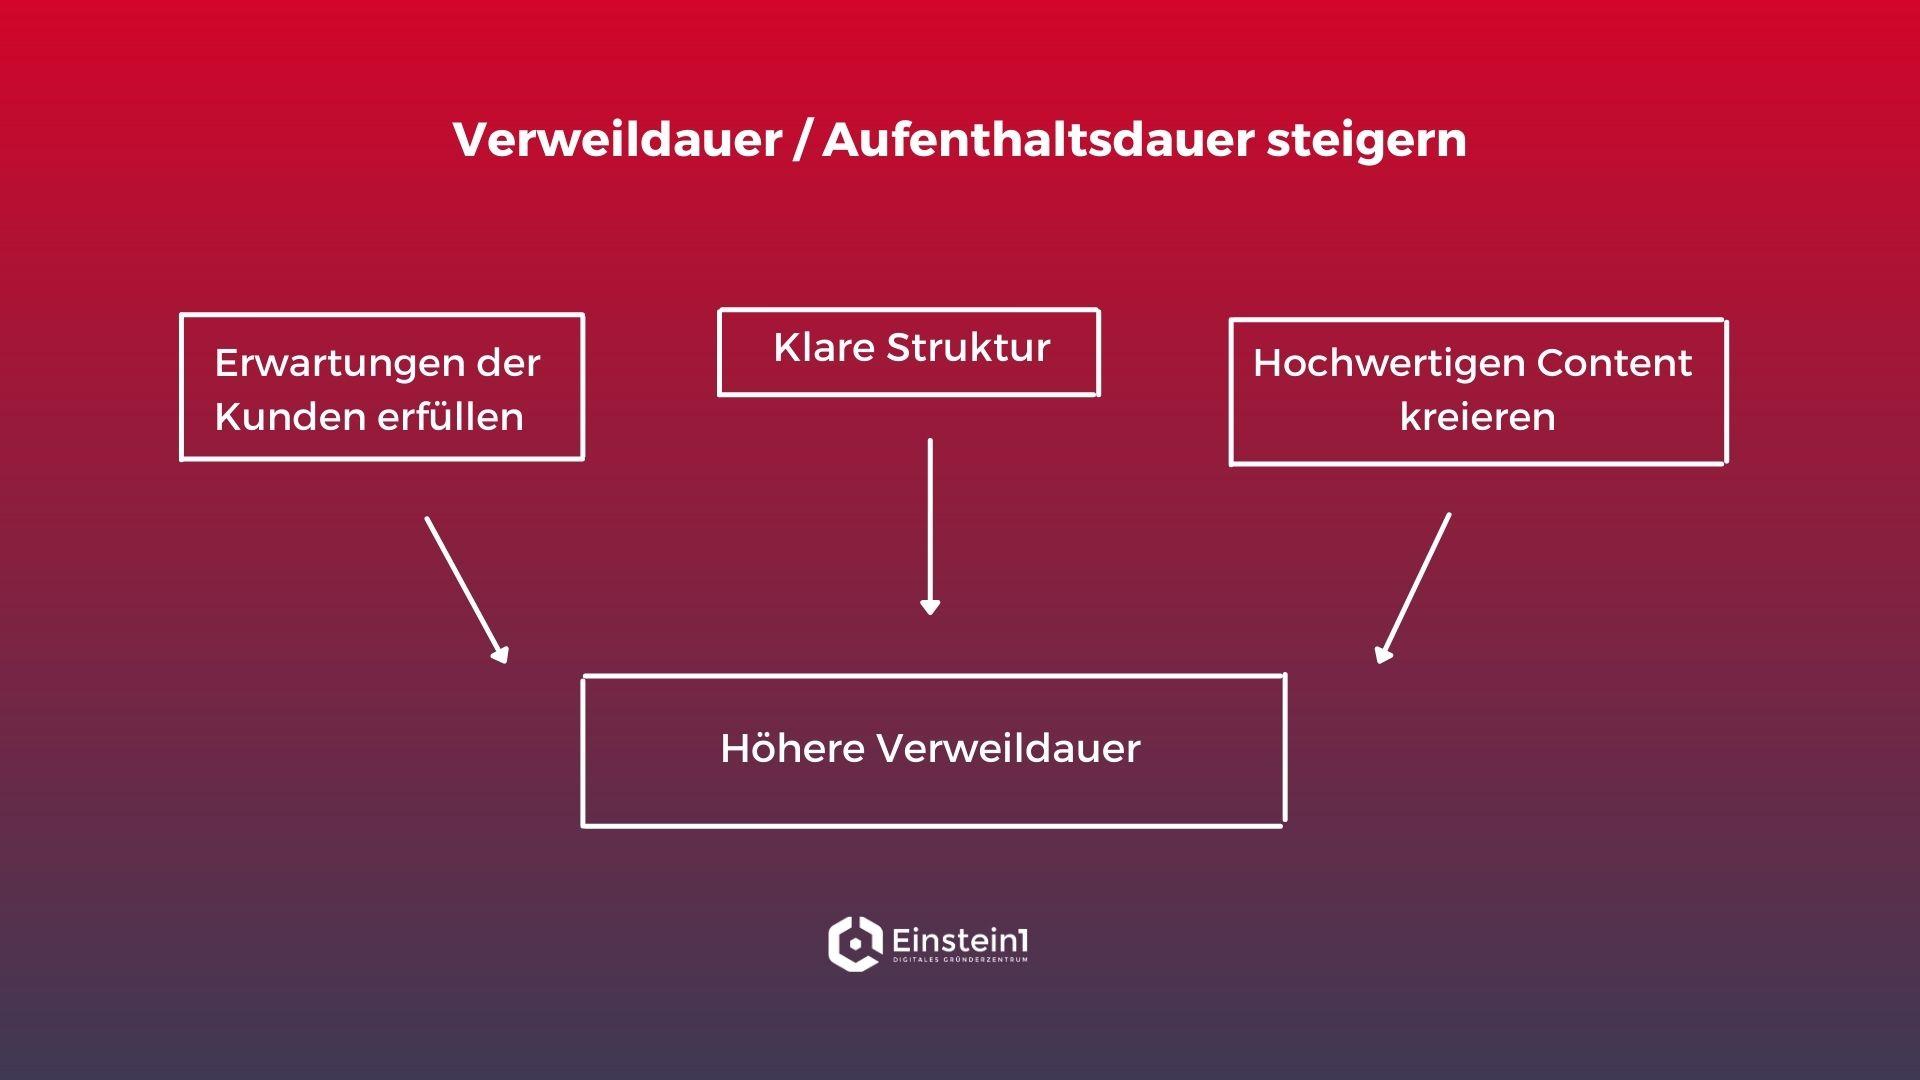 kennzahlen-online-marketing-verweildauer-einstein1